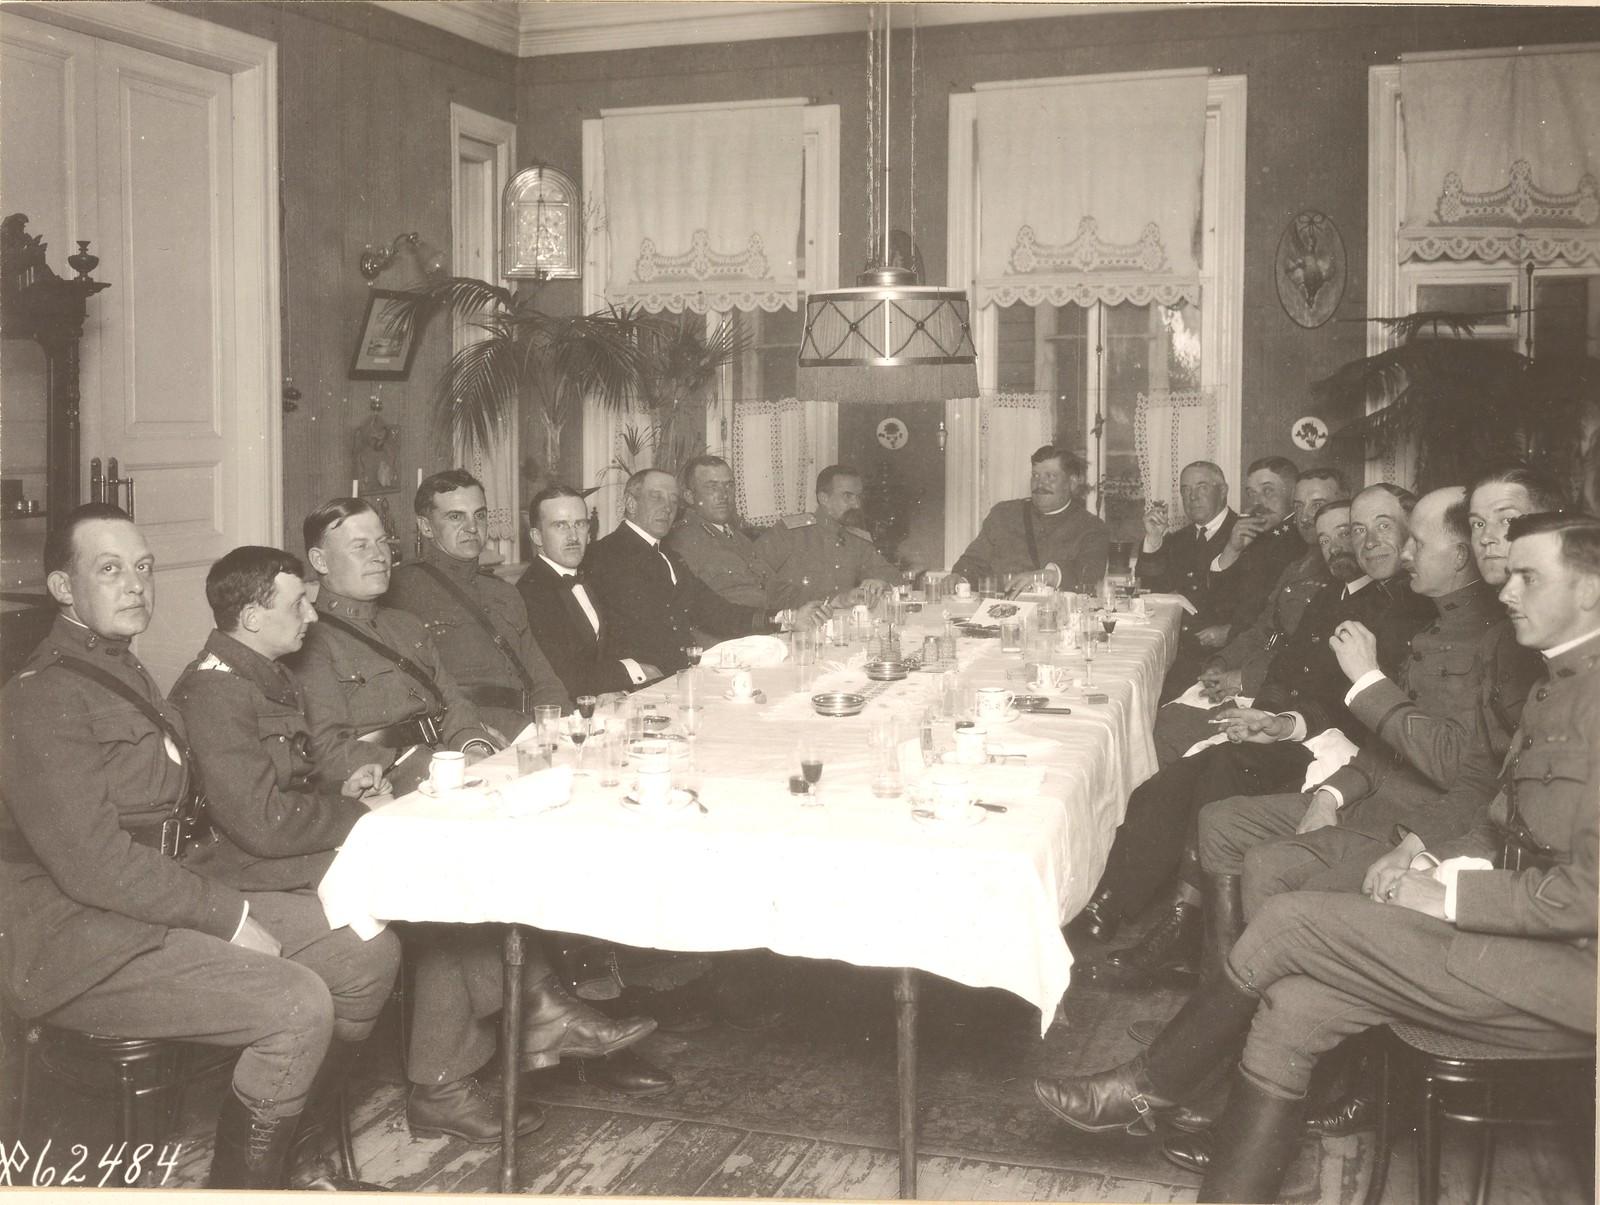 Банкет для офицеров союзных сил, устроенный командующим войсками американской экспедиции генералом Ричардсоном в своей резиденции